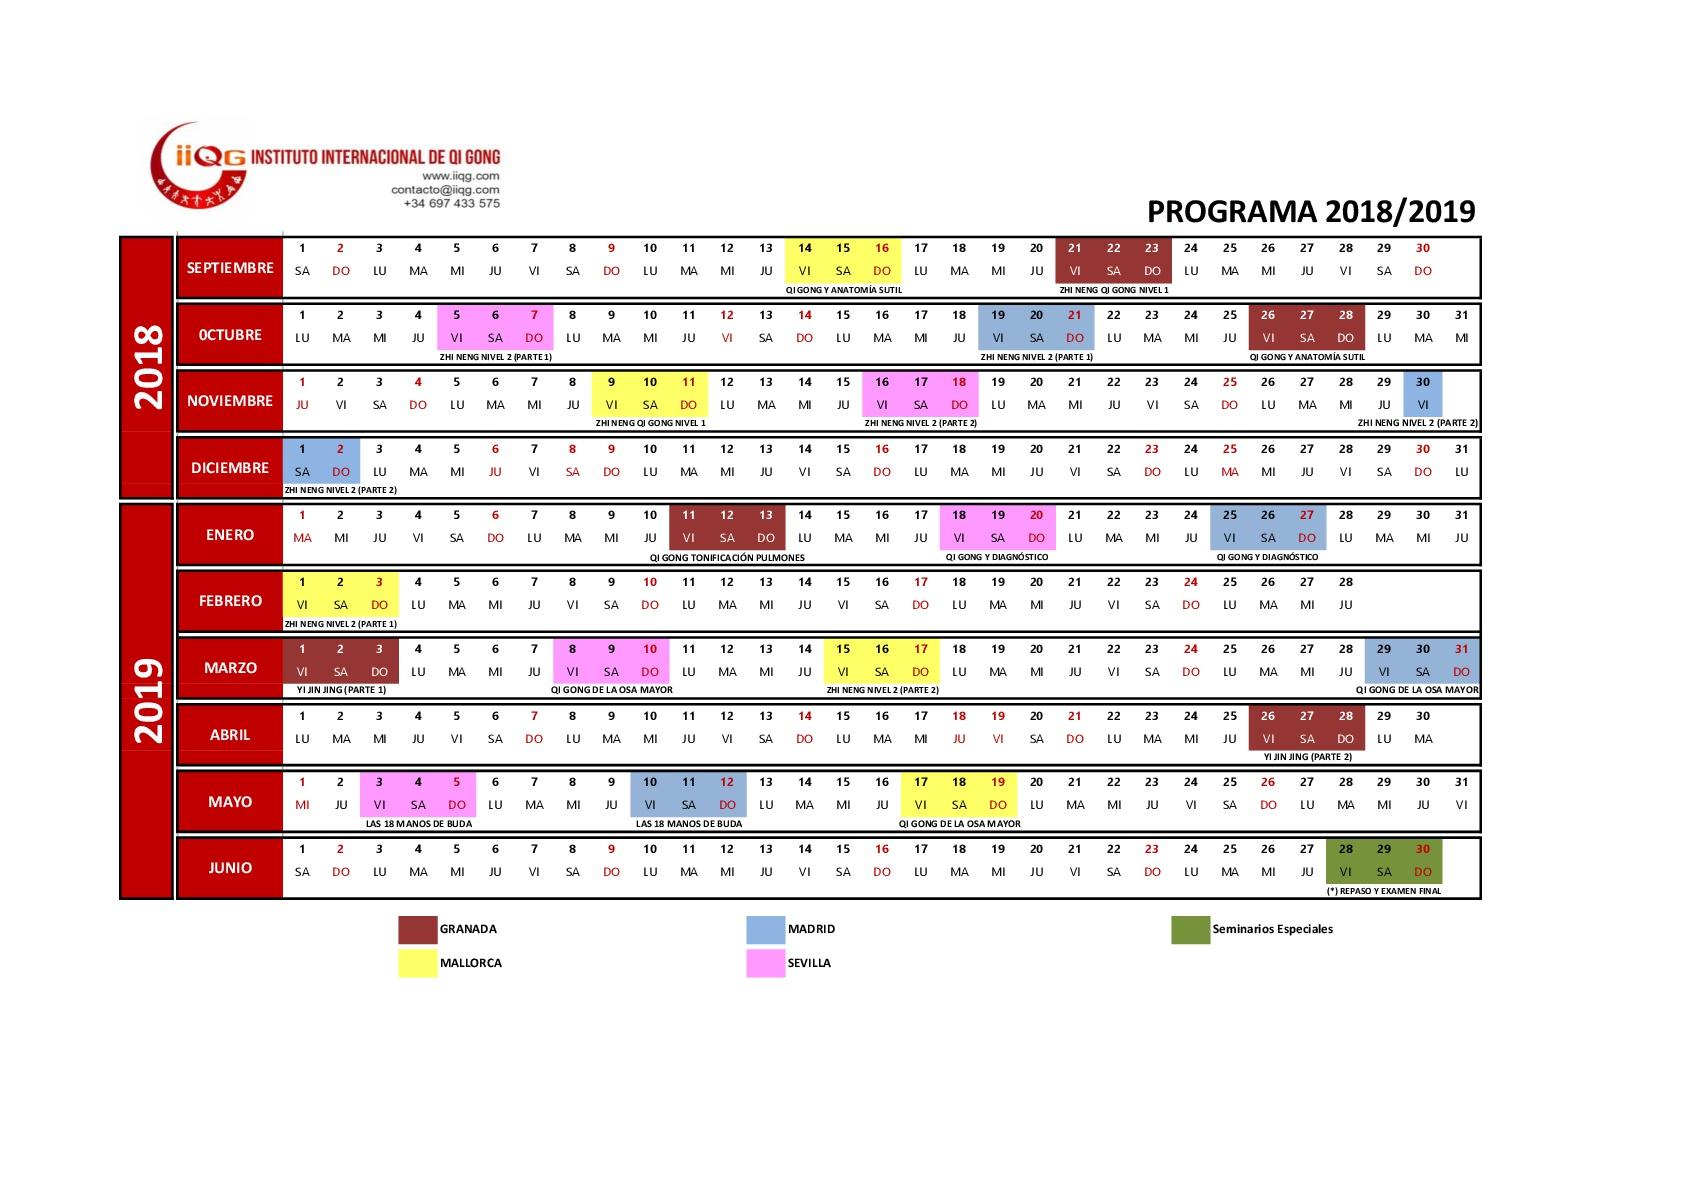 Calendario_2018_2019-001